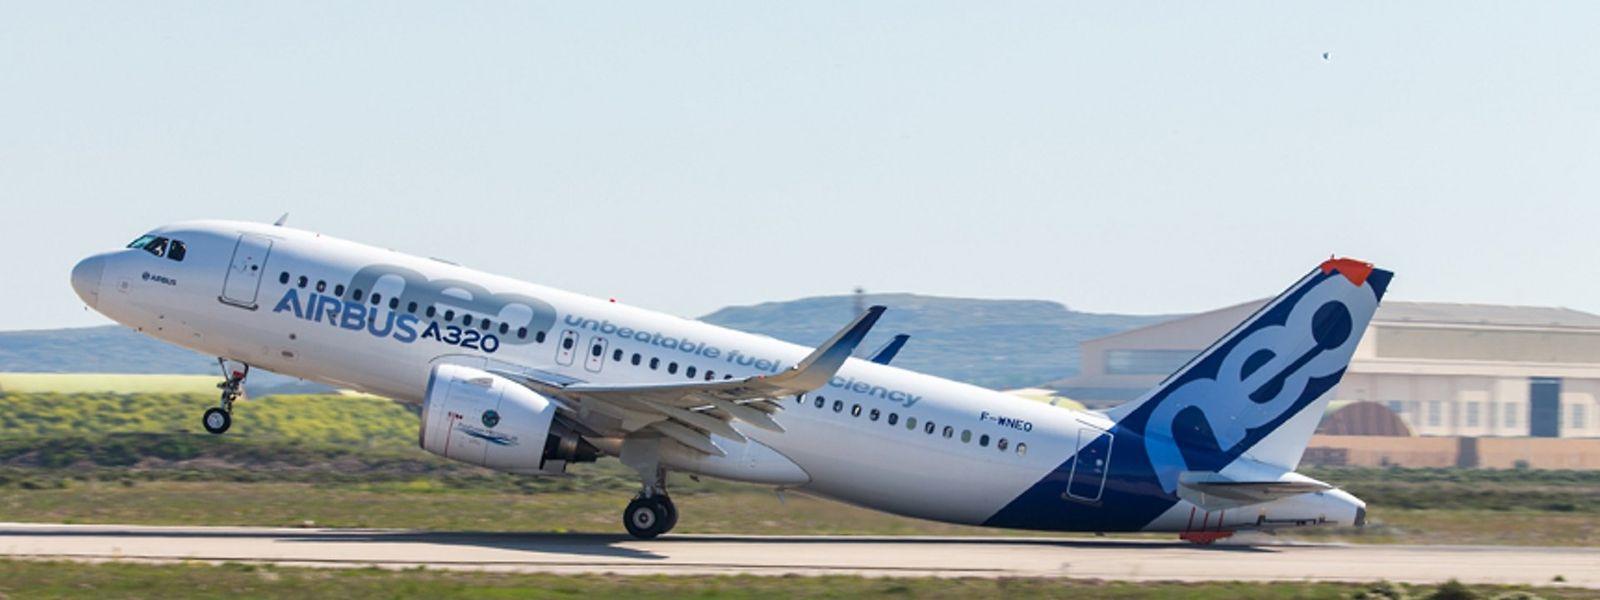 Wann der A320neo richtig durchstarten kann, ist ungewiss.